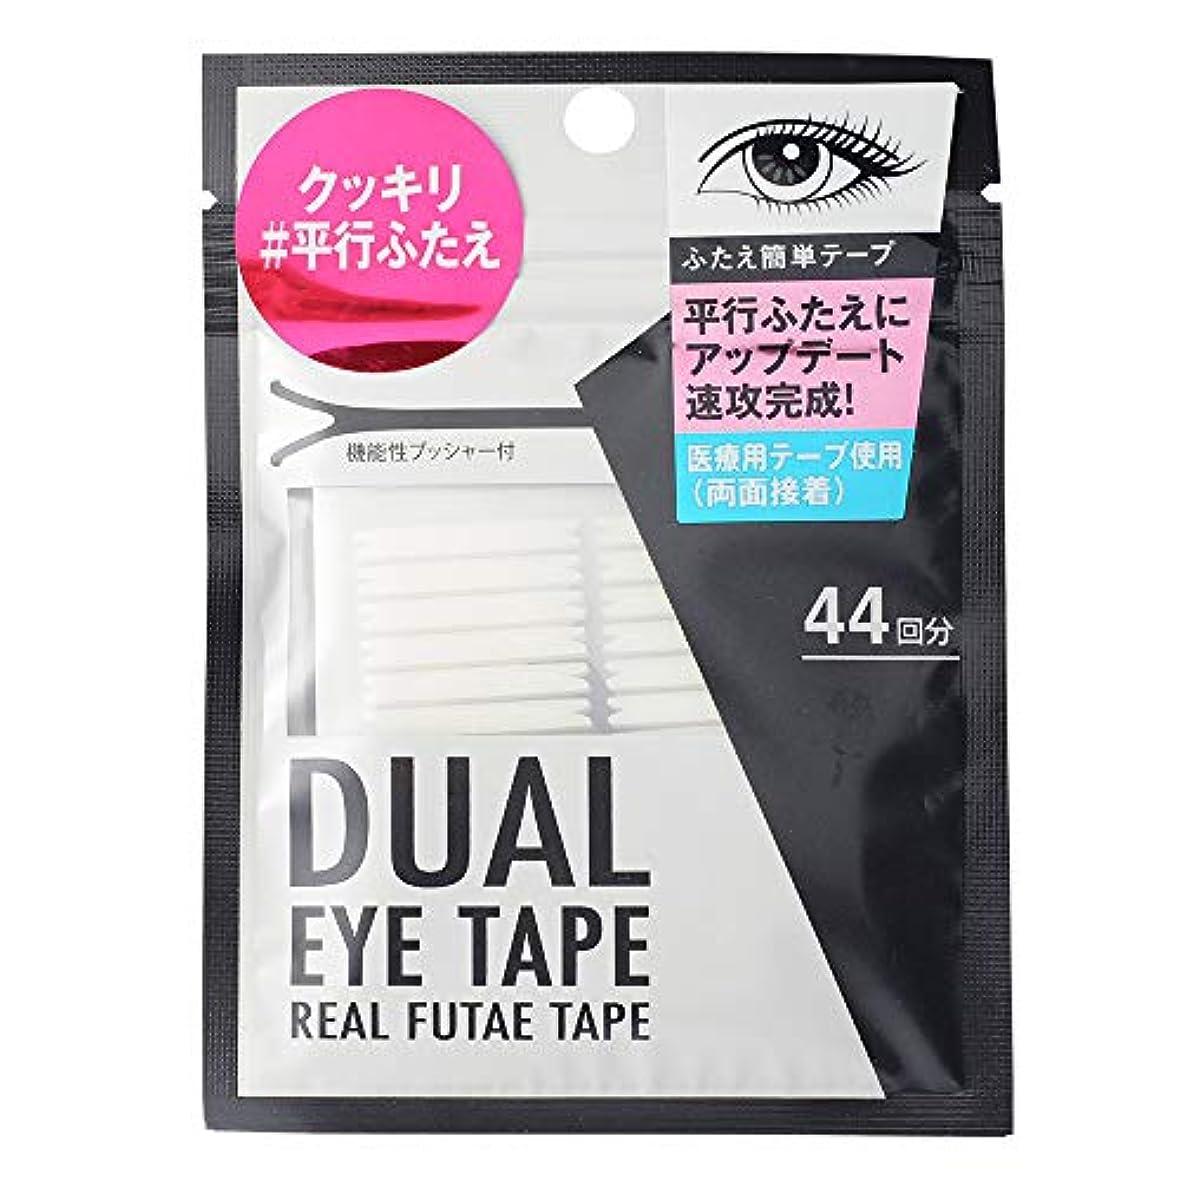 祝福伝統貫入デュアルアイテープ (平行ふたえ両面接着テープ) (44回分)